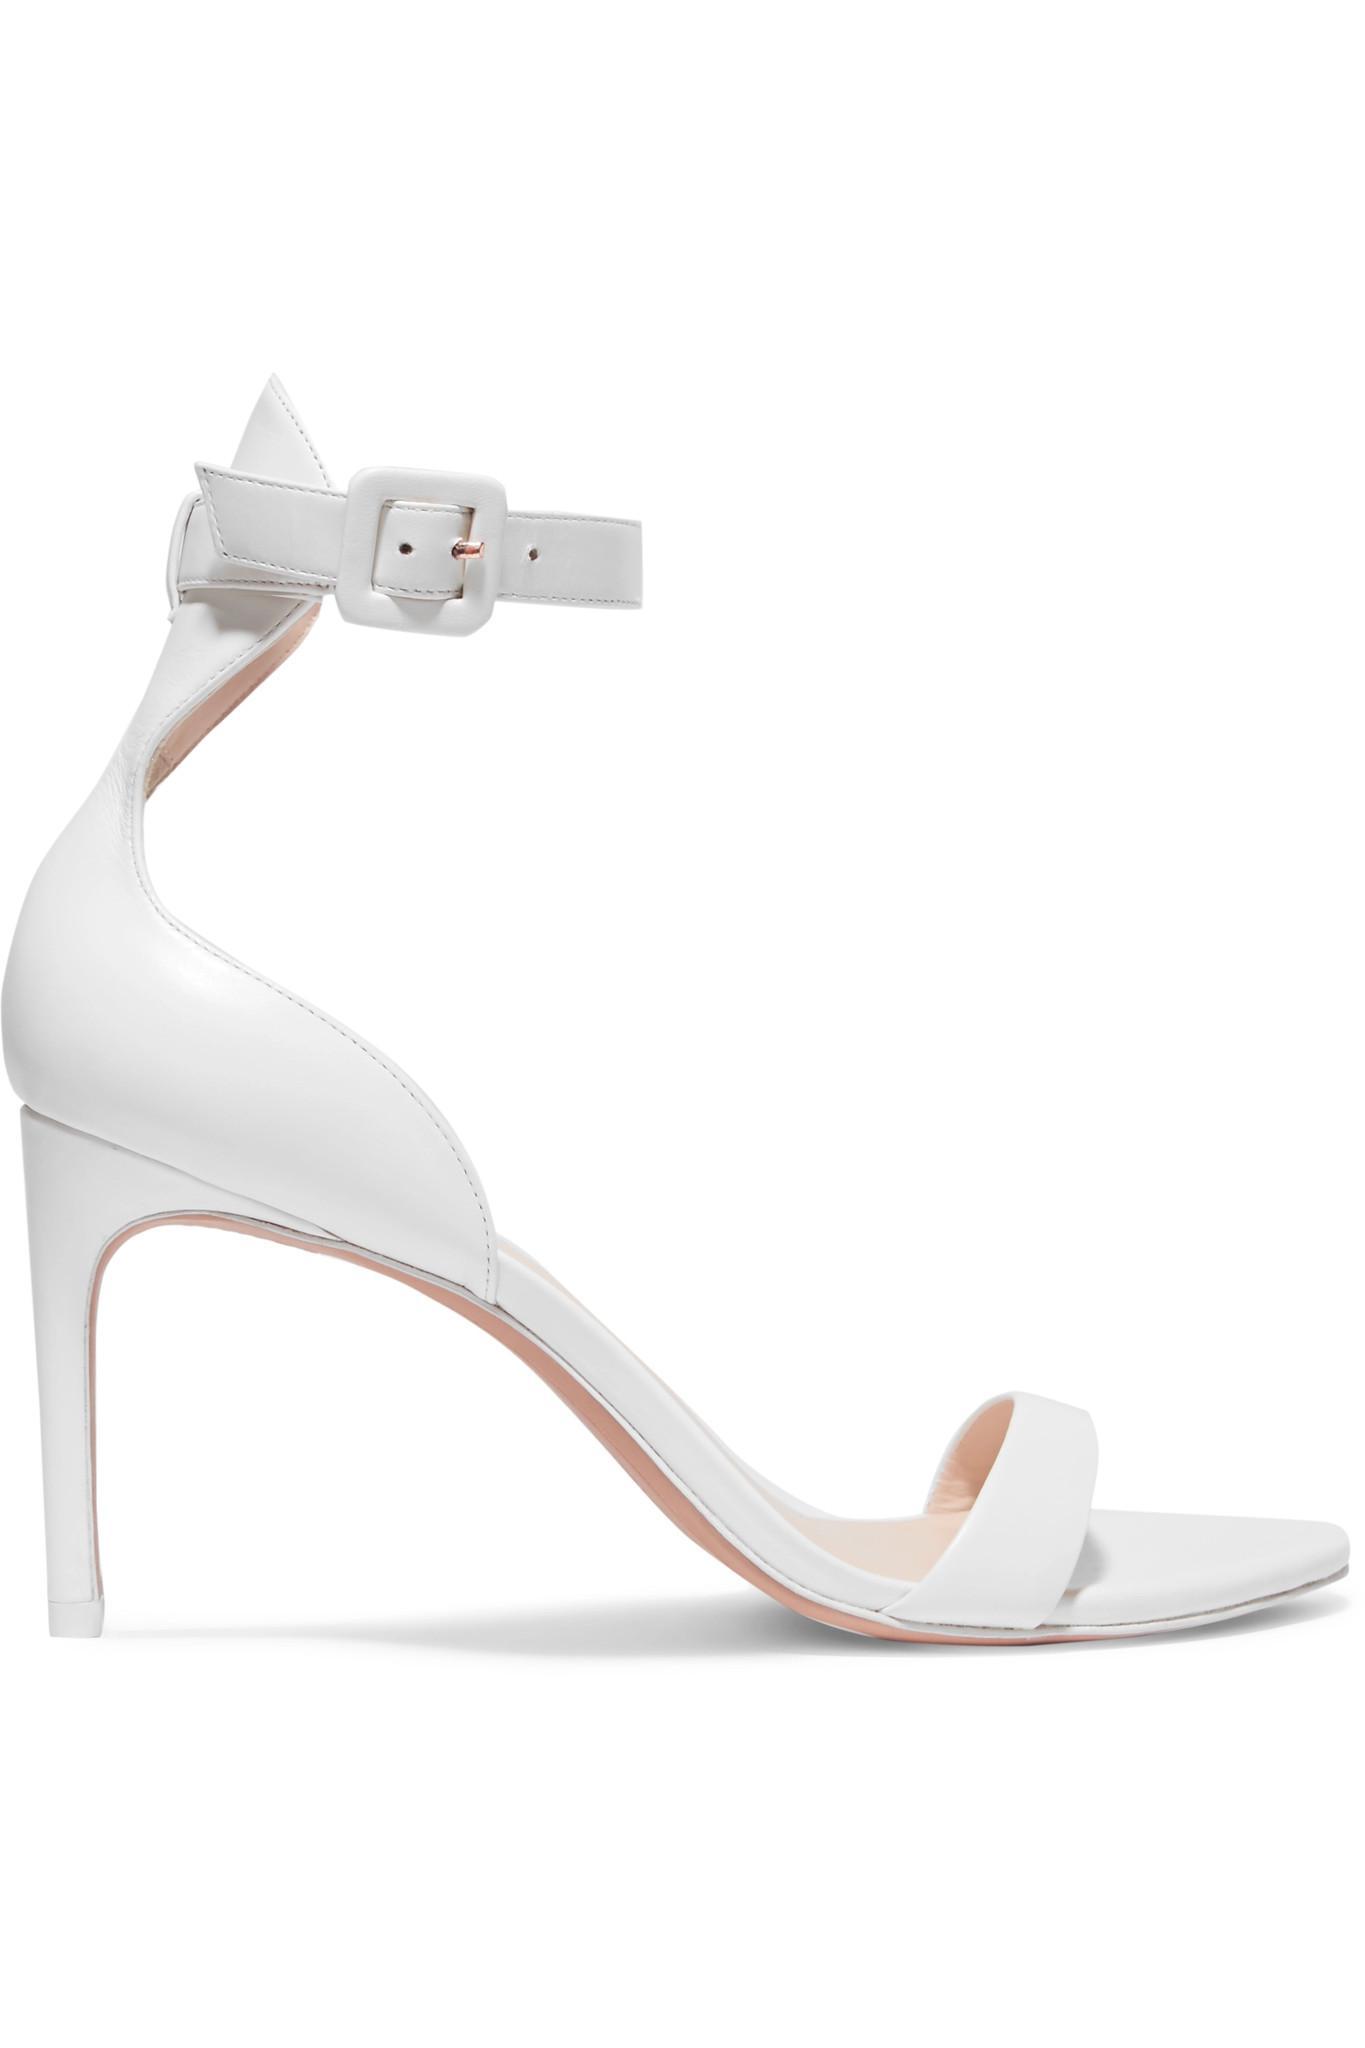 Sandal ClothingShoesamp; Nicole White Jewelry Sandals Yf76ybg